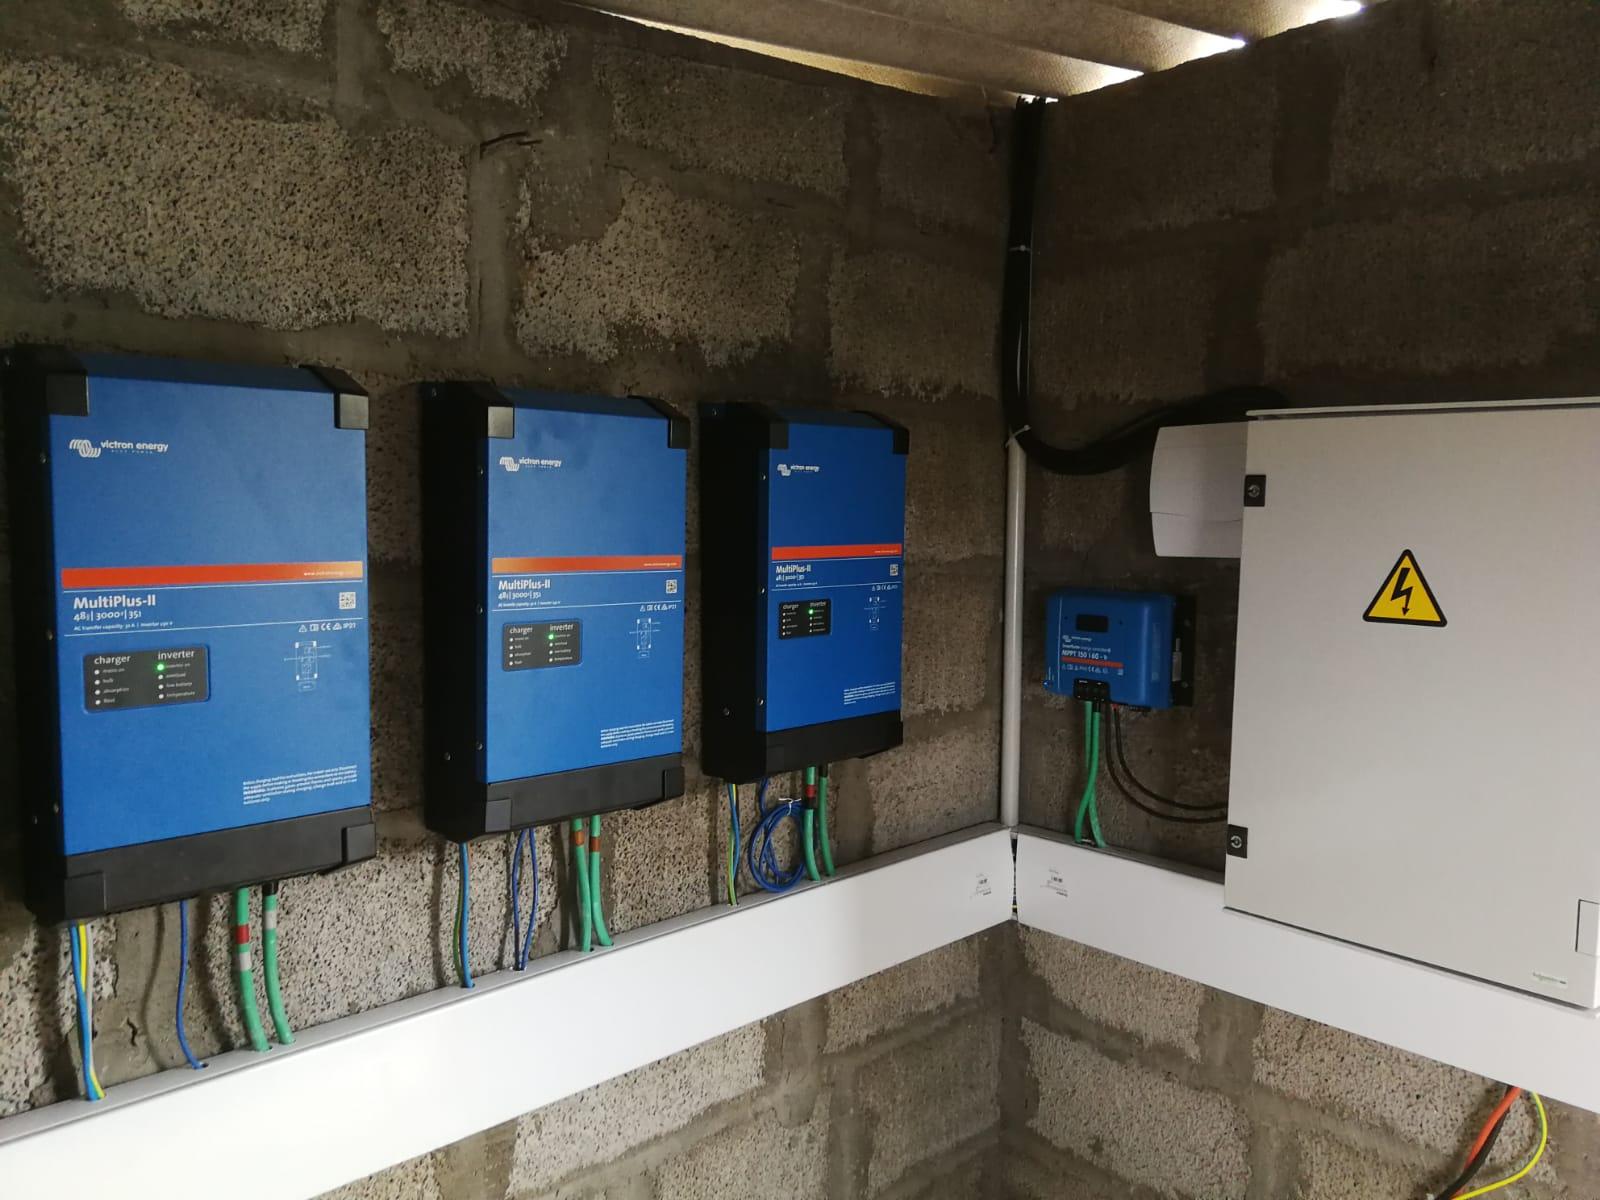 Instalación fotovoltaica 2kw para riego de finca - Arucas Cardones